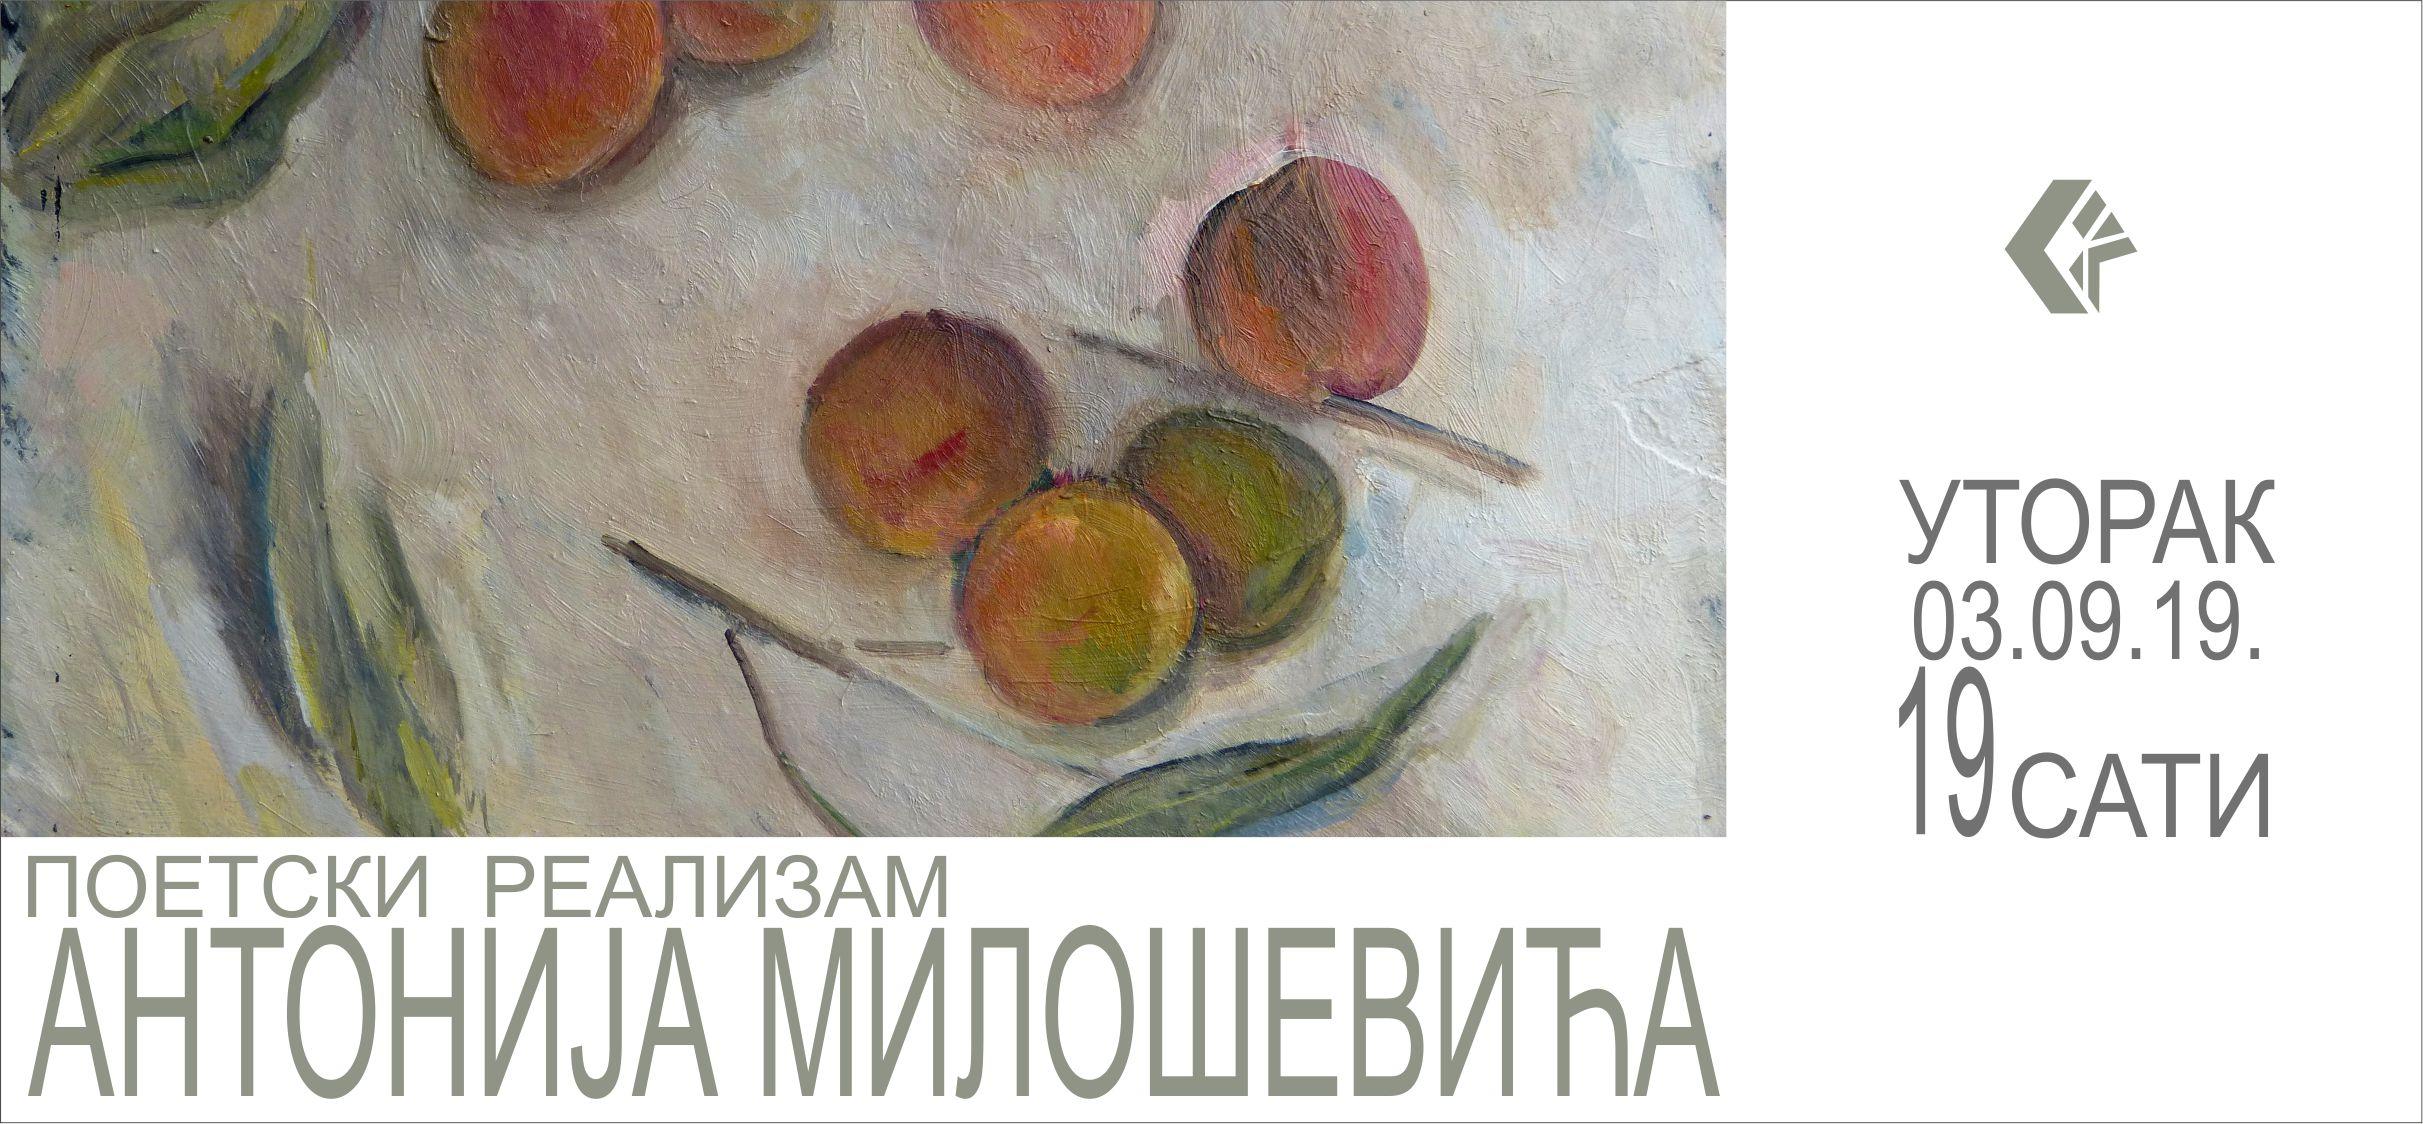 Photo of Poetski realizam Antonija Miloševića – nova izložba pirotske galerije